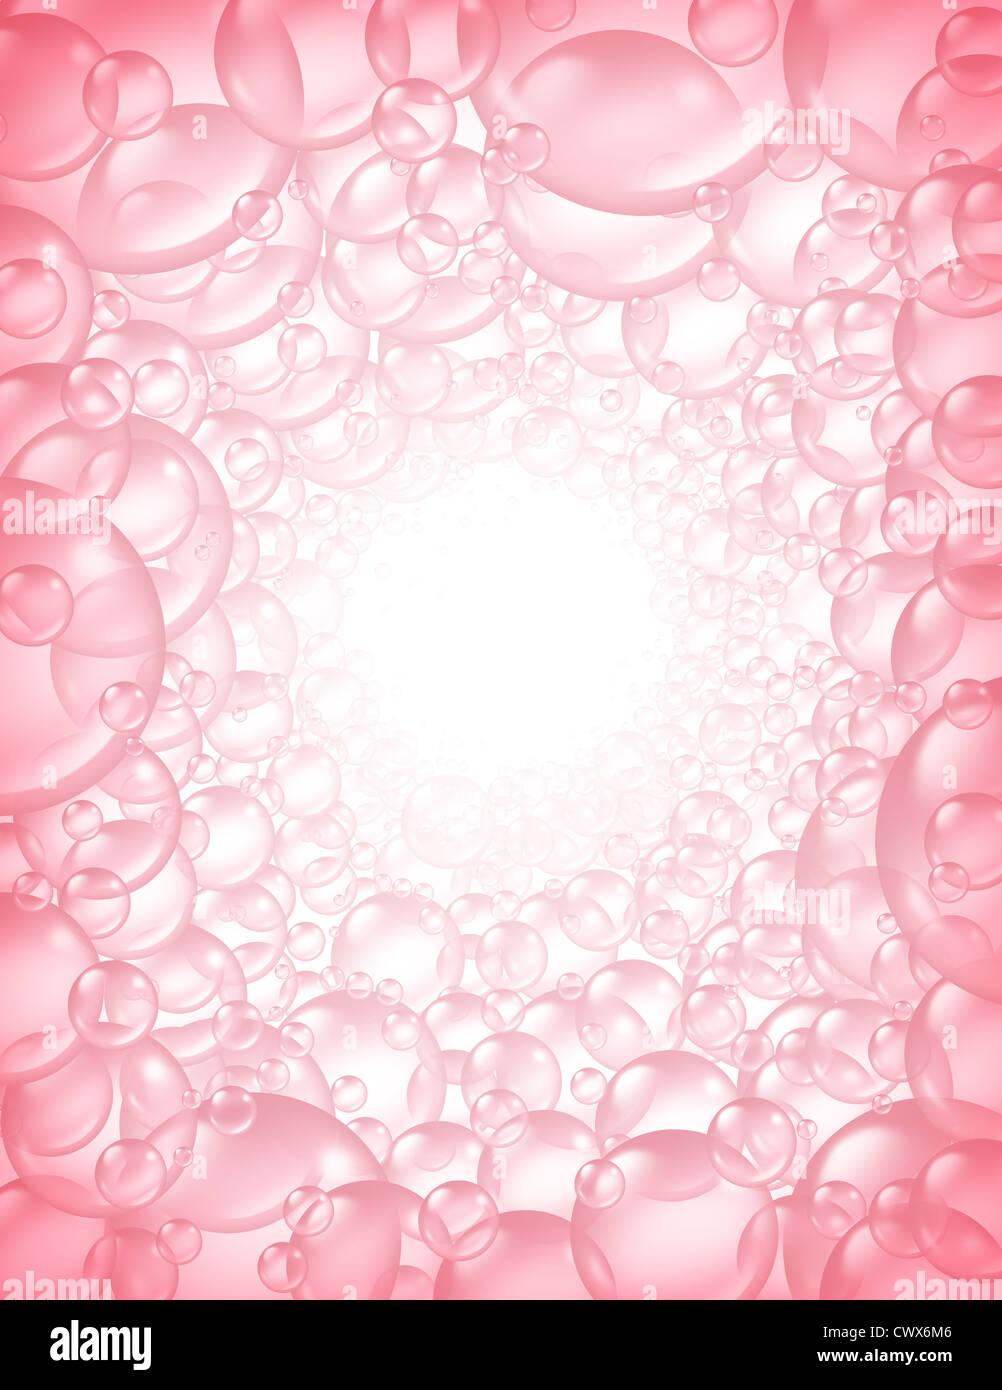 Rosa Luftblasen in Perspektive Hintergrund Rahmen und transparente ...